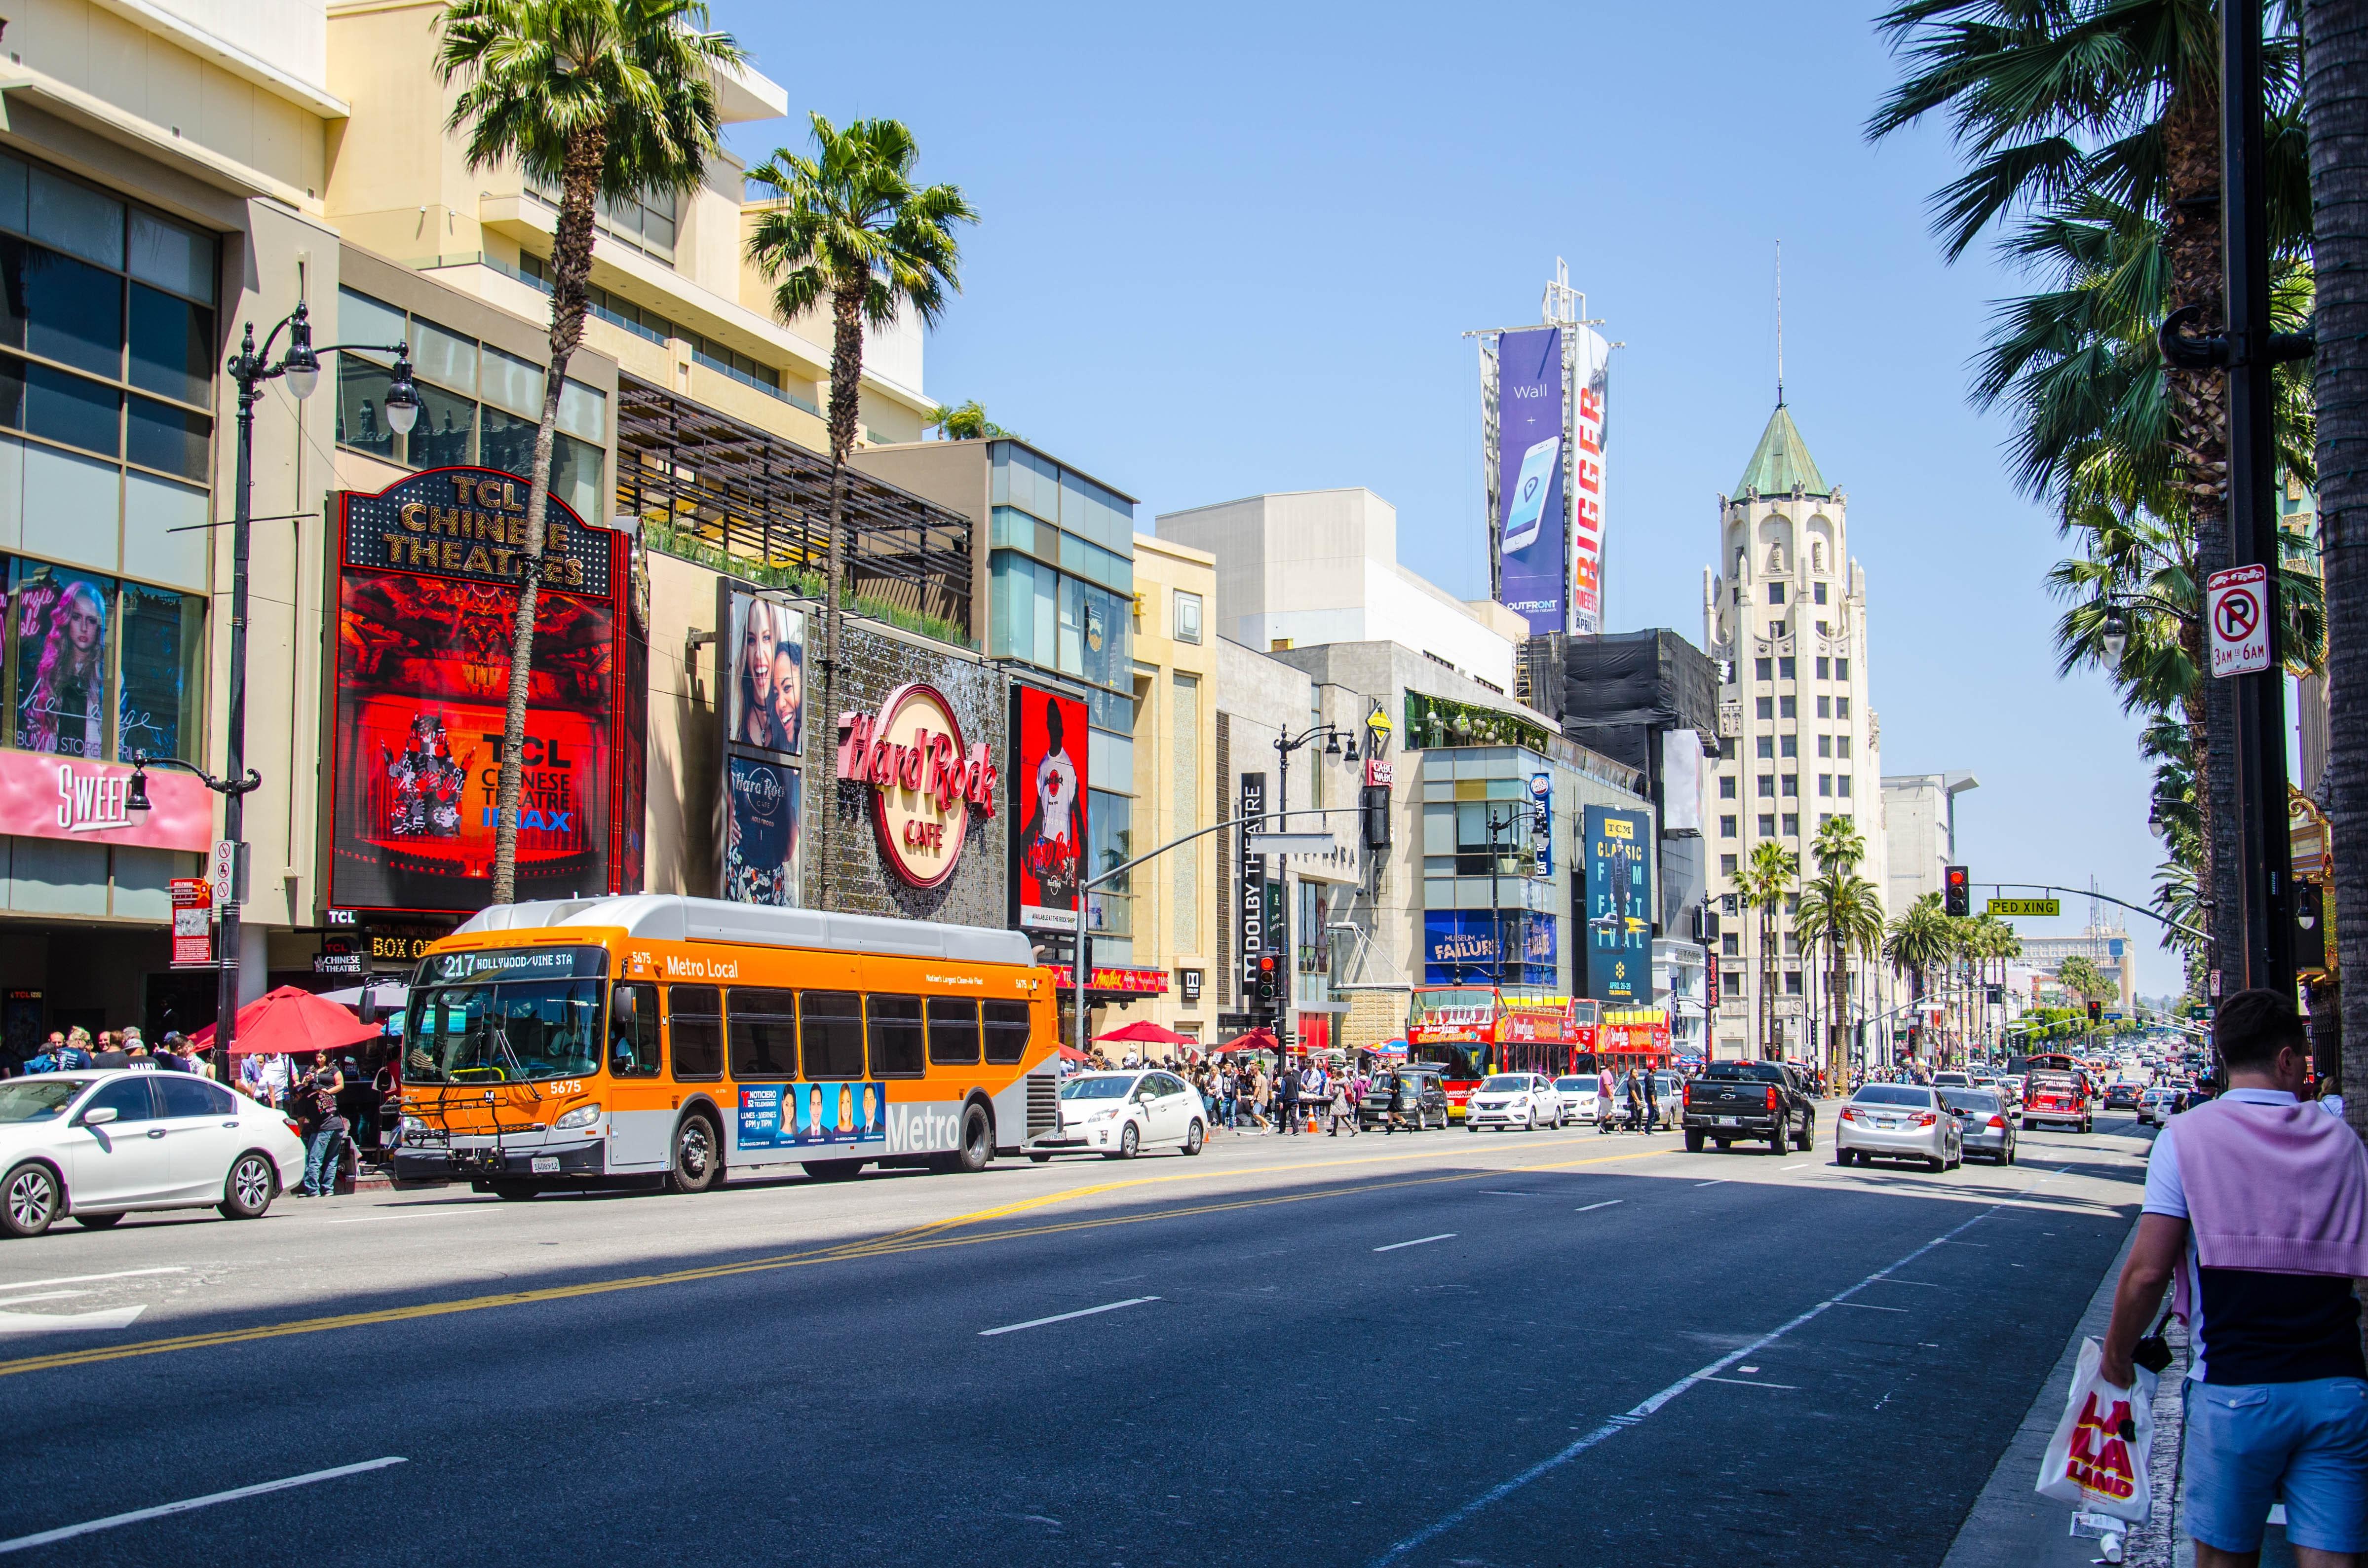 ロサンゼルスは安全ですよ!ロサンゼルスの治安について